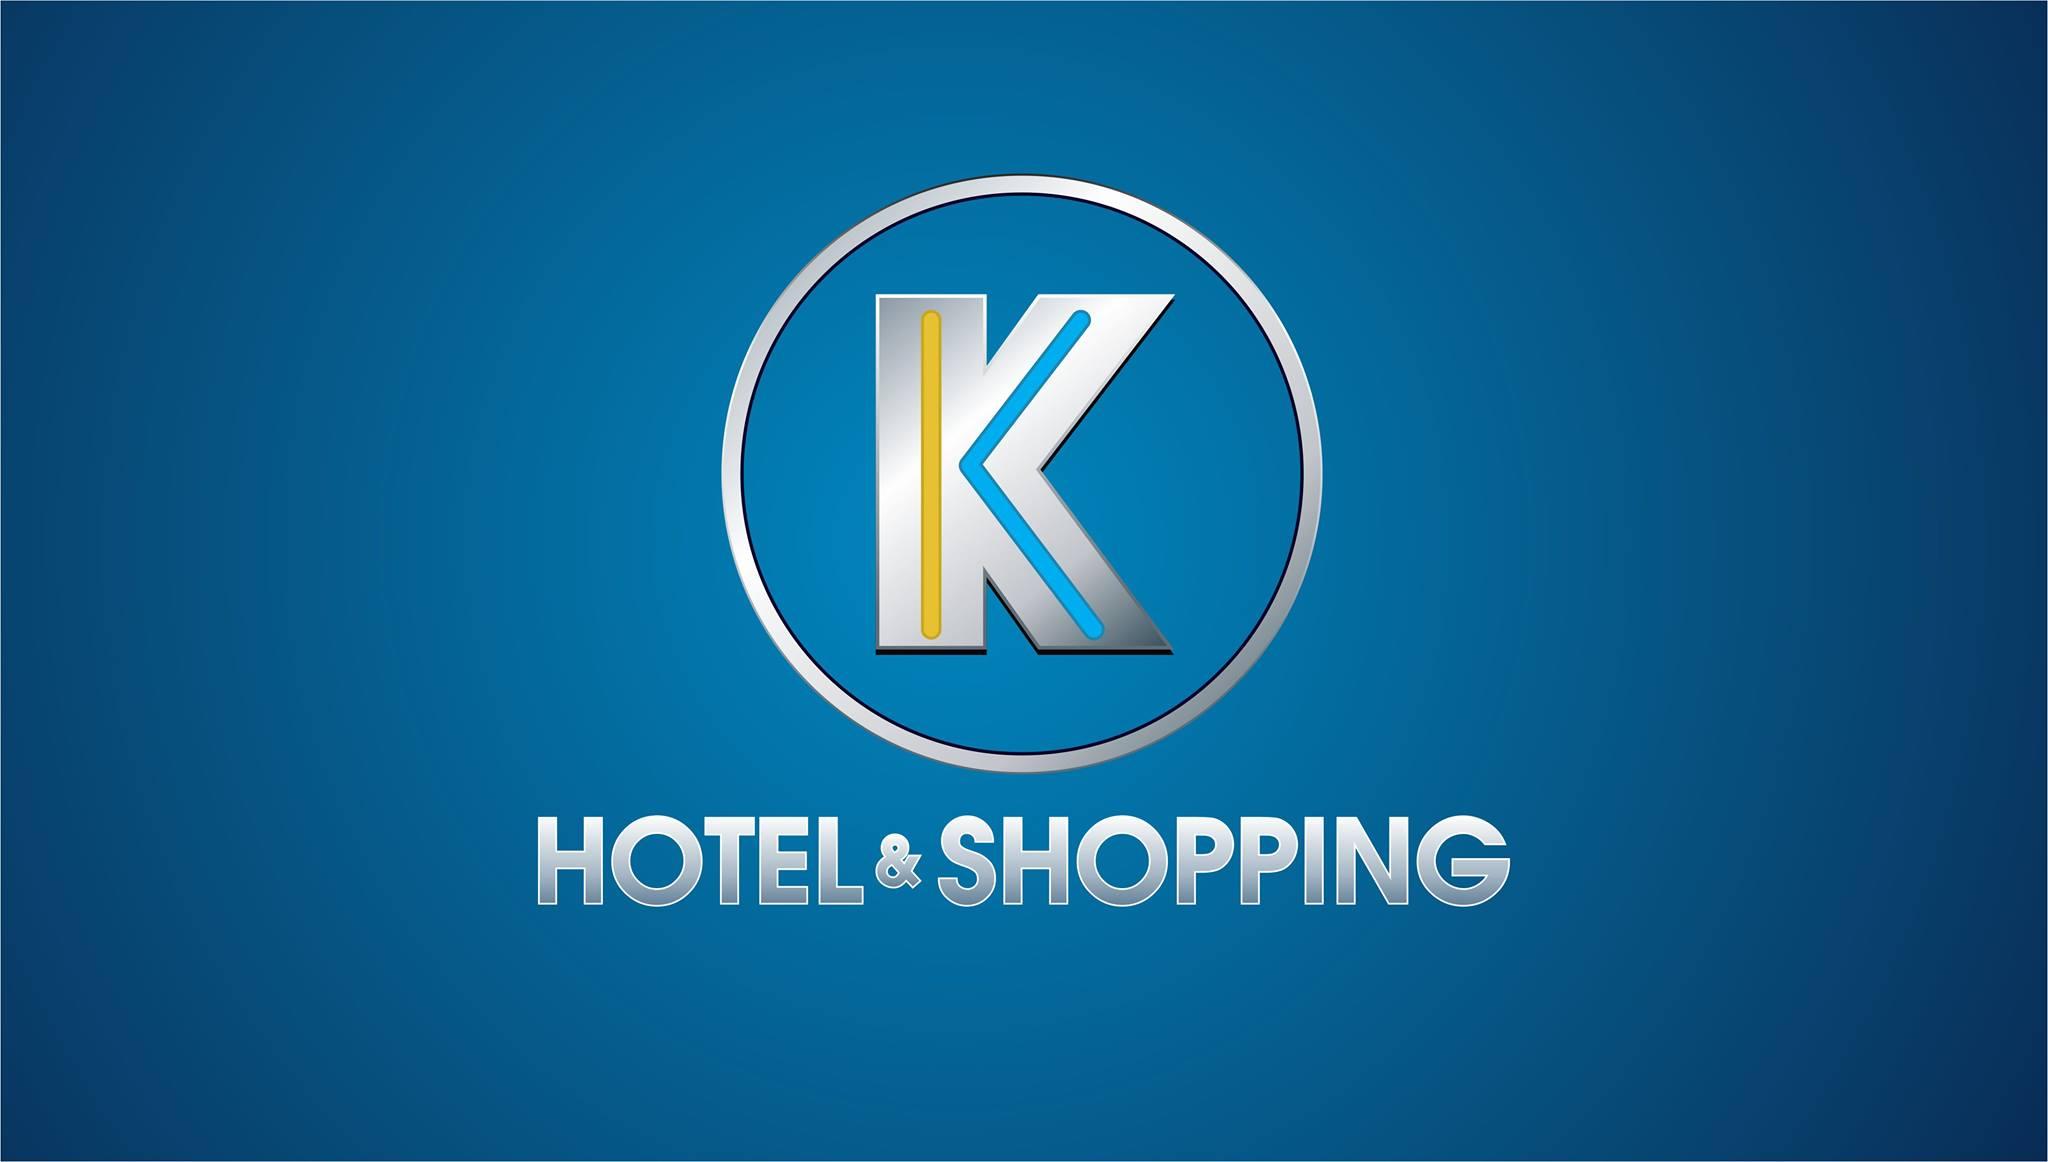 K Hotel & Shopping